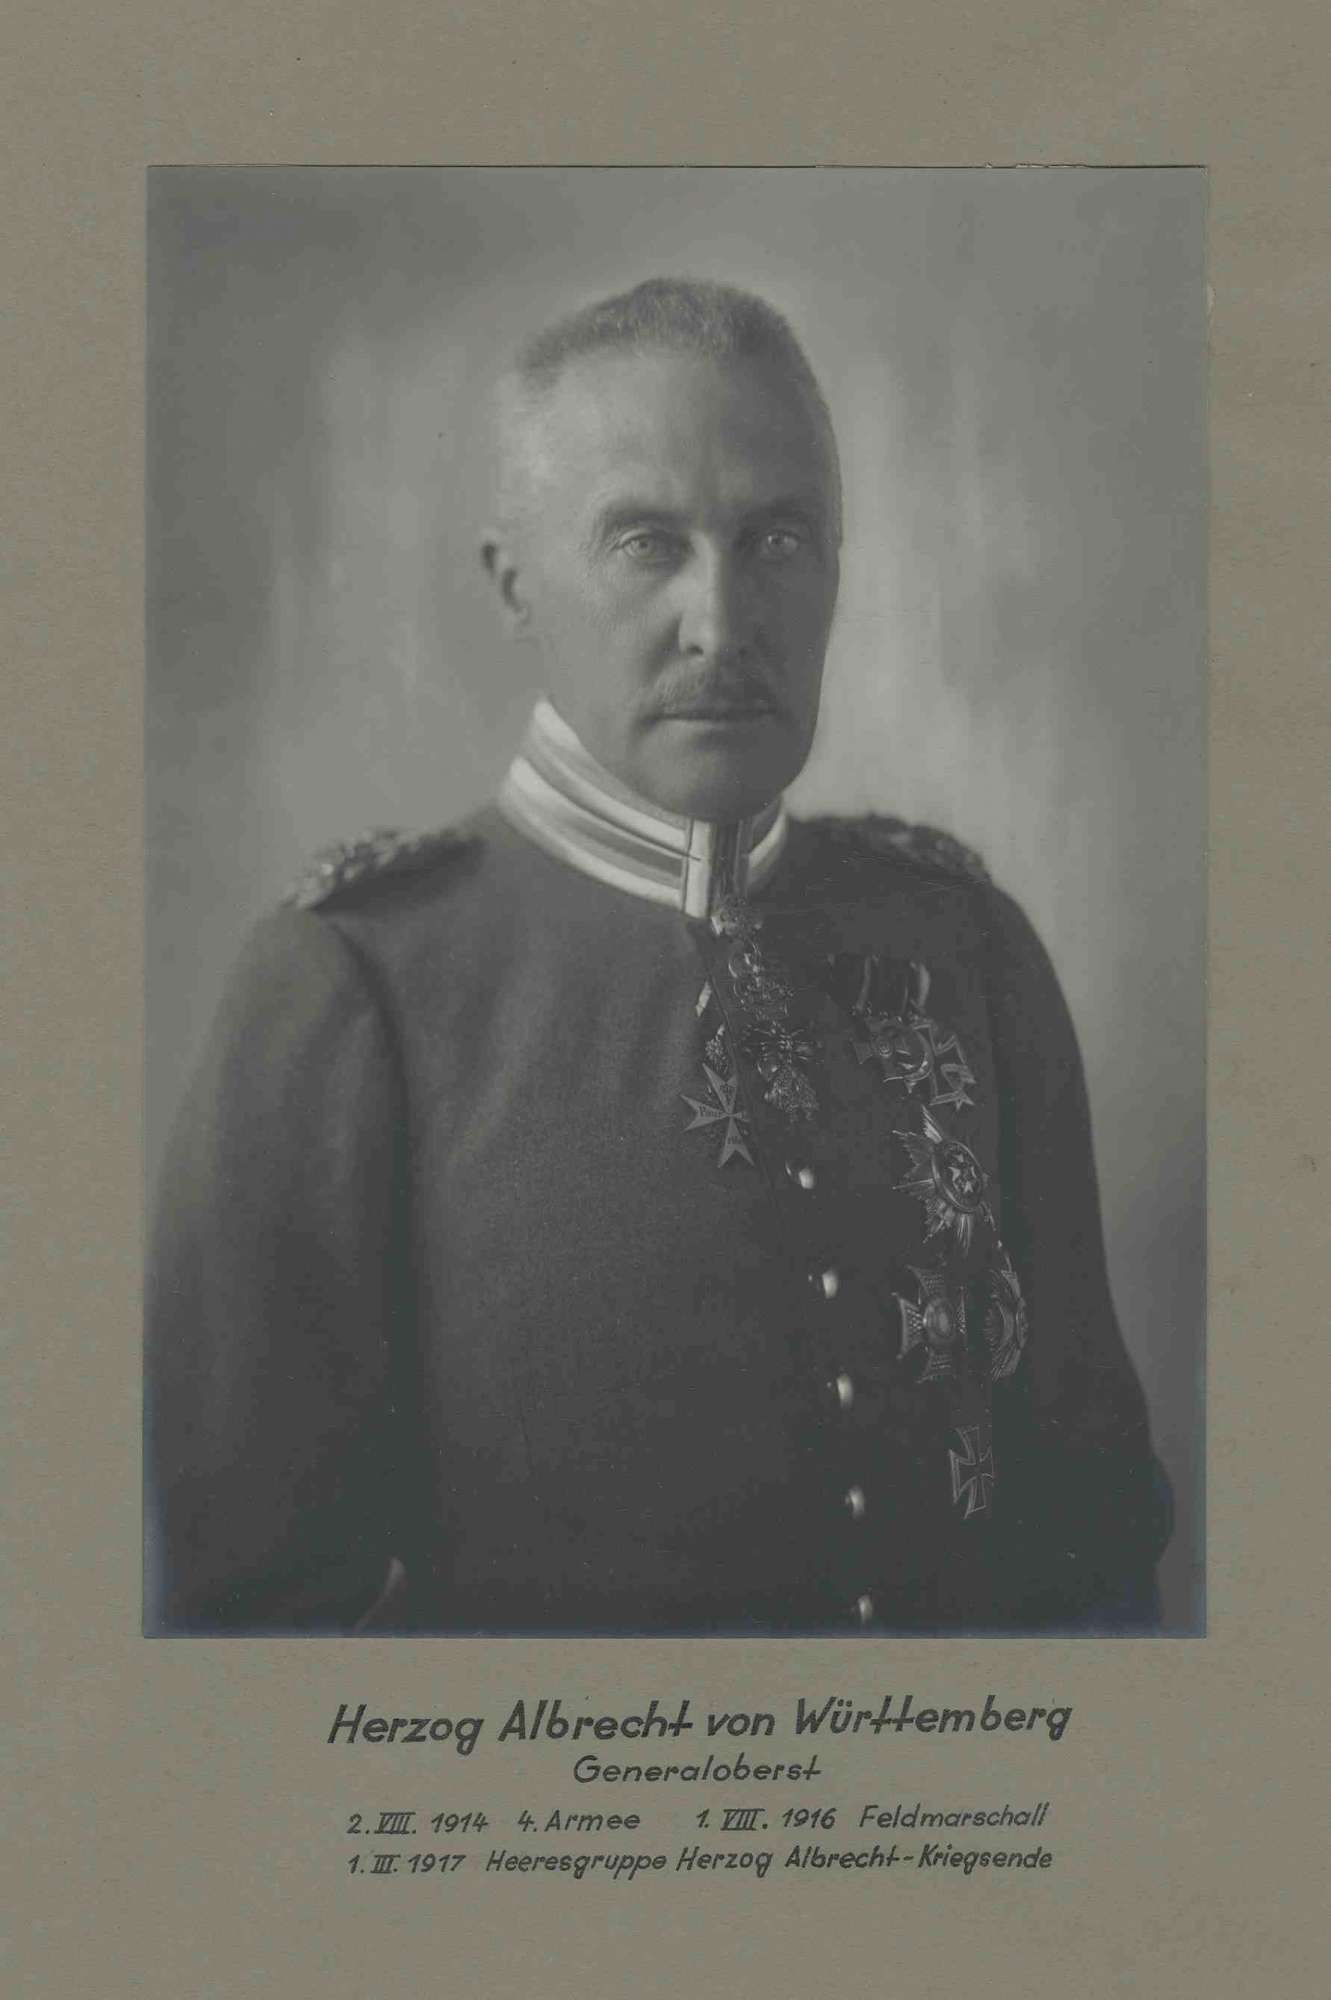 Herzog Albrecht von Württemberg, Generaloberst, Kommandeur der Heeresgruppe Herzog Albrecht in Uniform mit Orden, Brustbild, Bild 1